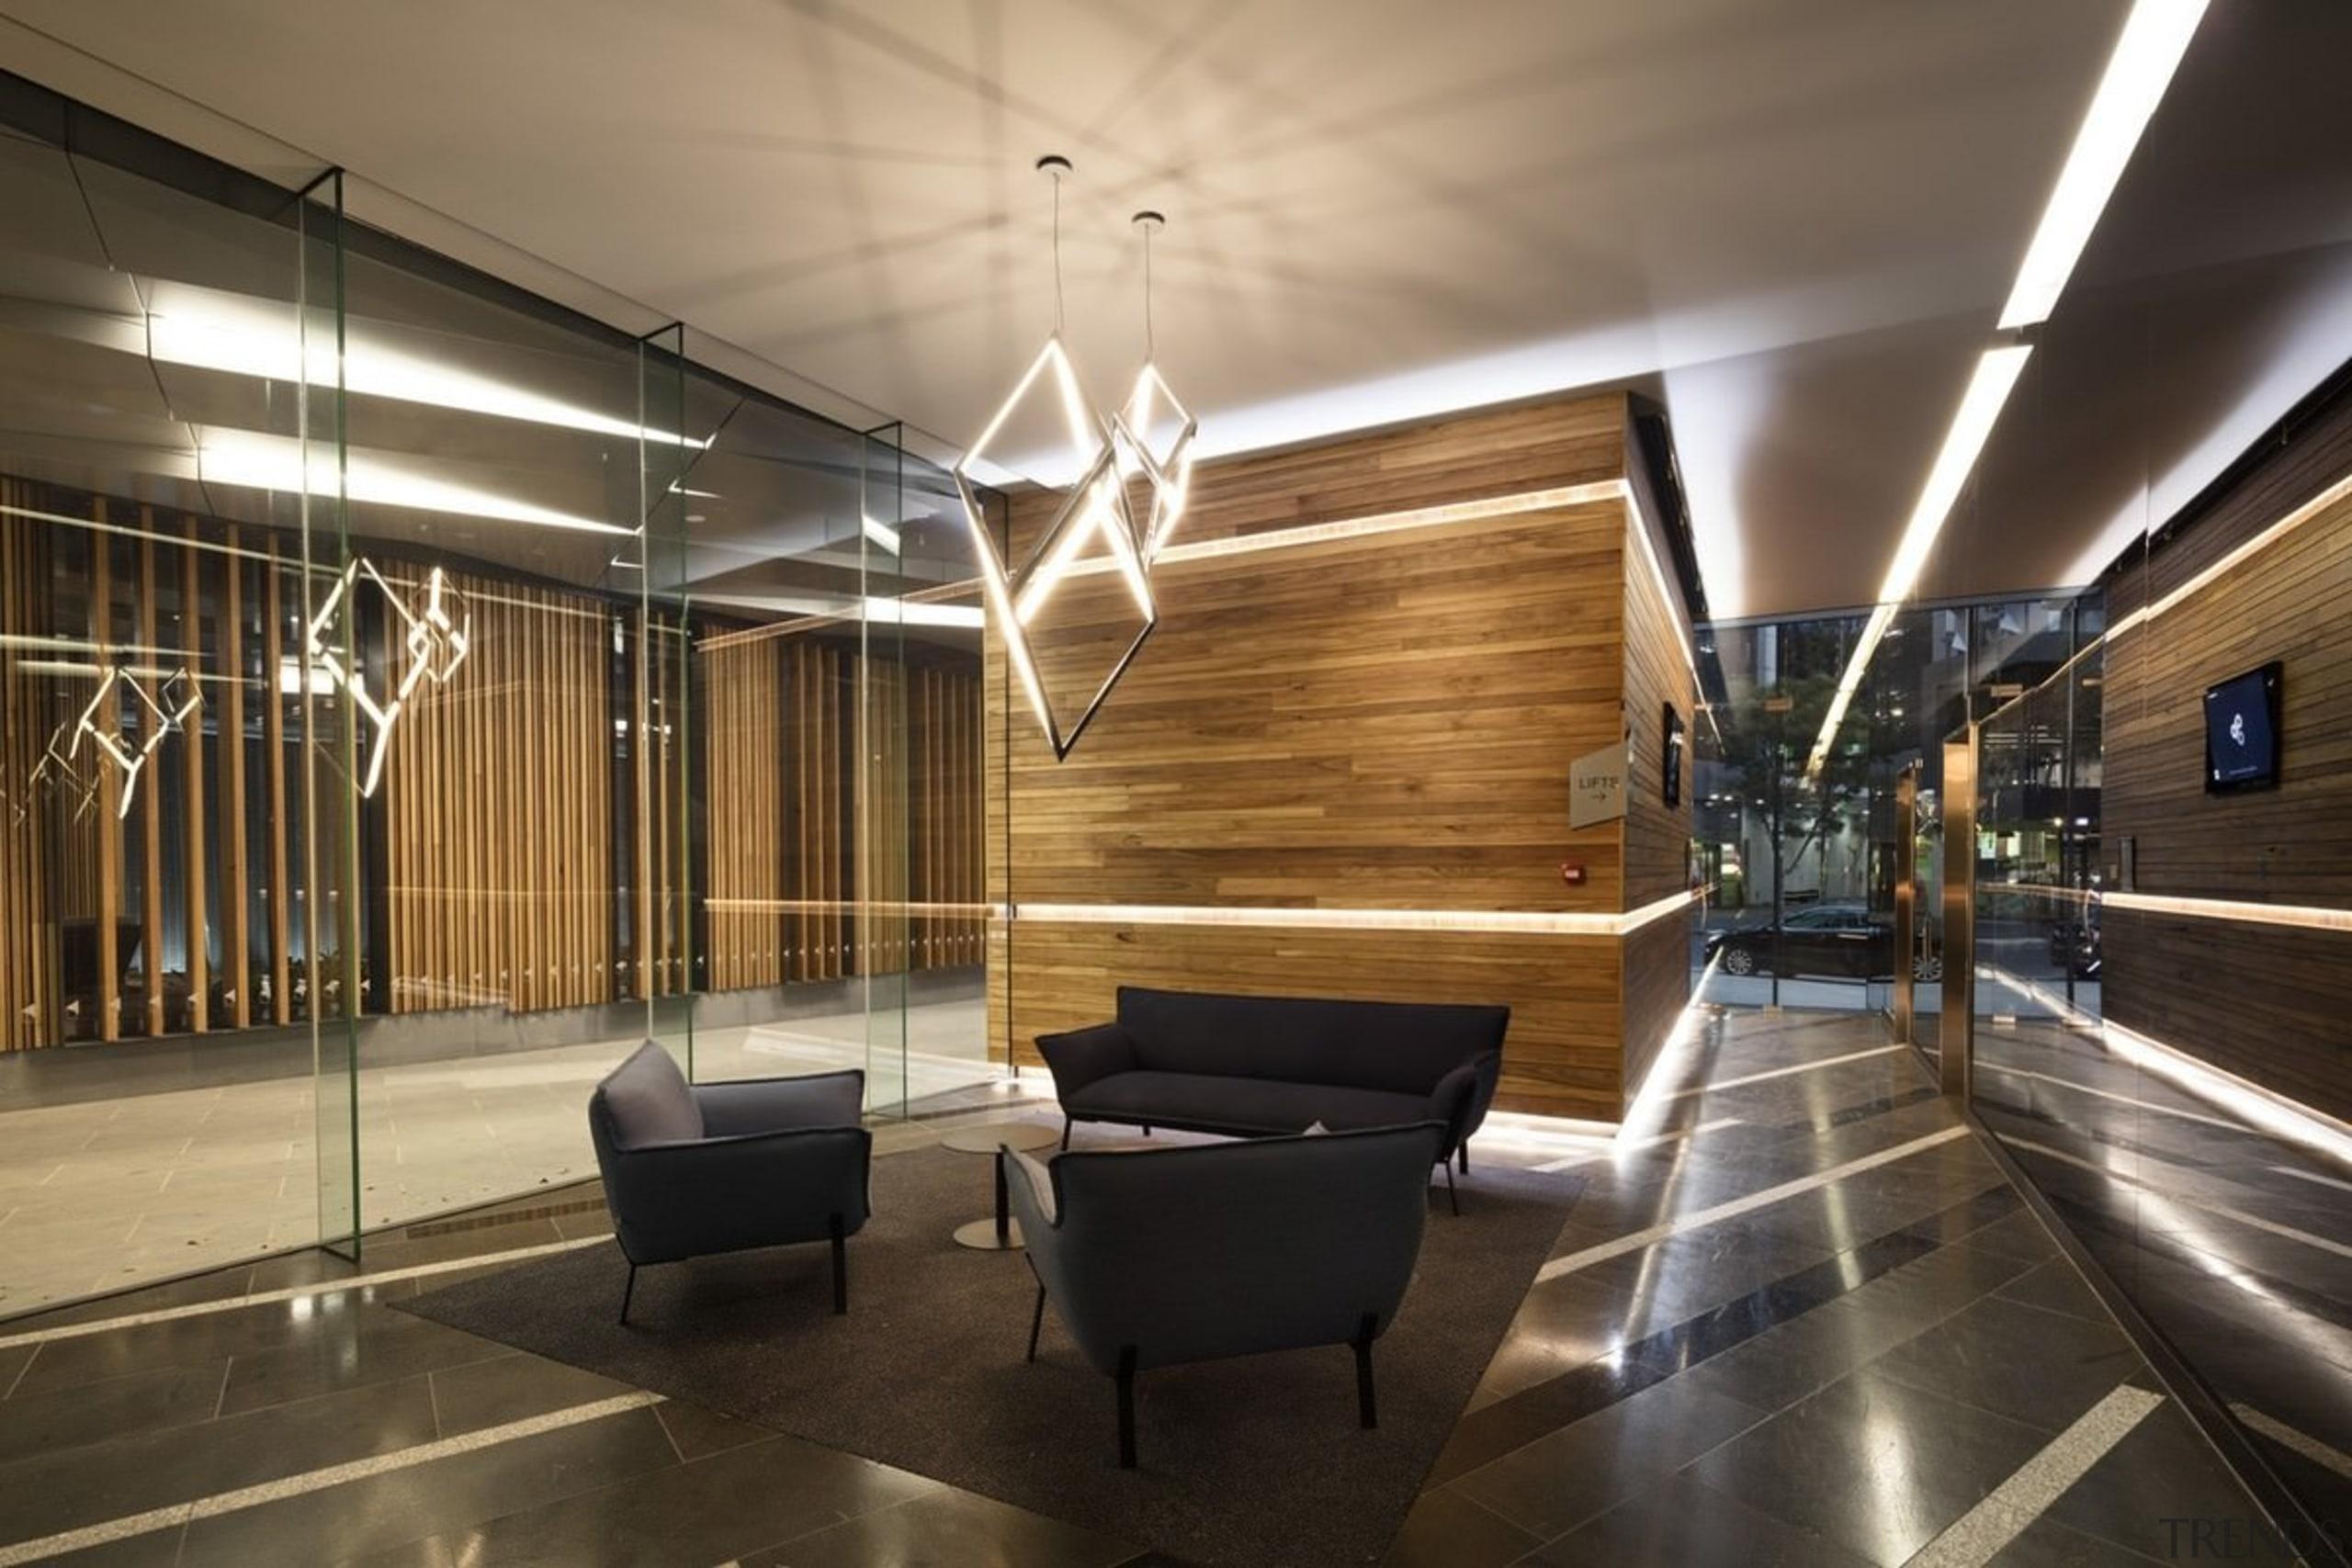 Promenade Aqui by Woods Bagot - Promenade Aqui architecture, ceiling, floor, flooring, interior design, lobby, black, brown